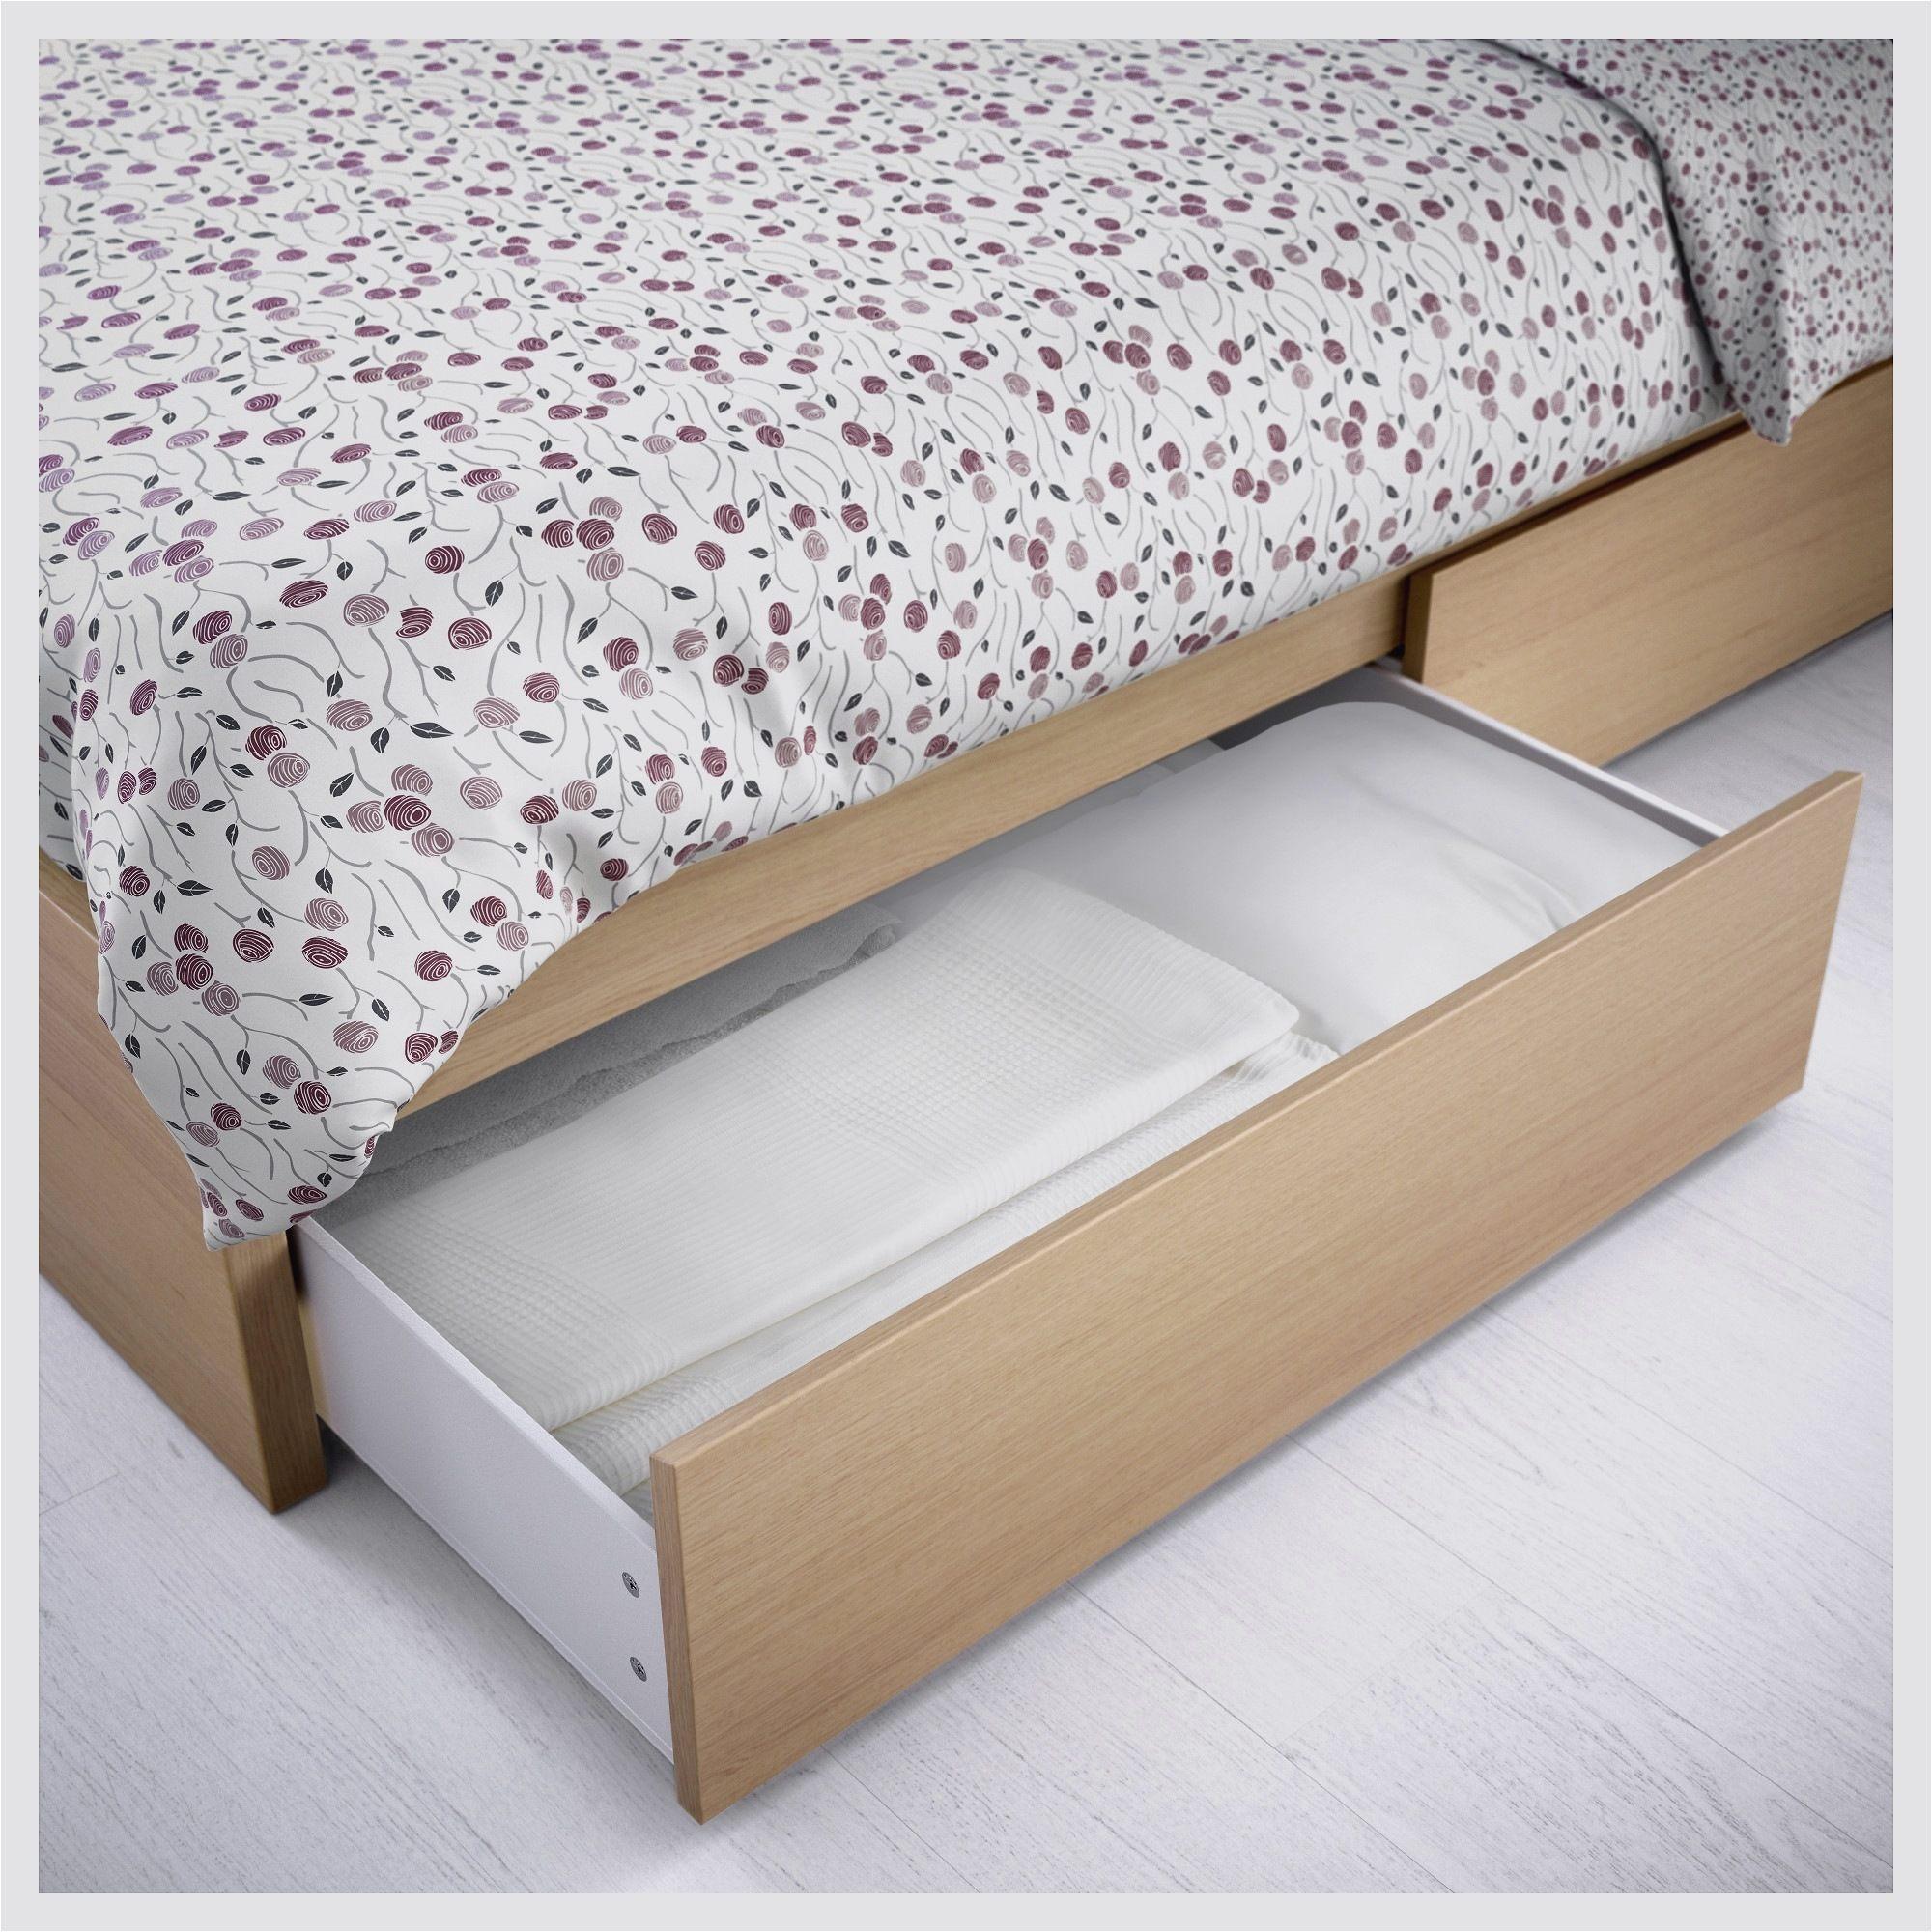 Rangement sous Le Lit Nouveau Rangement Dessous De Lit Luxe Passionné Ikea Rangement sous Lit